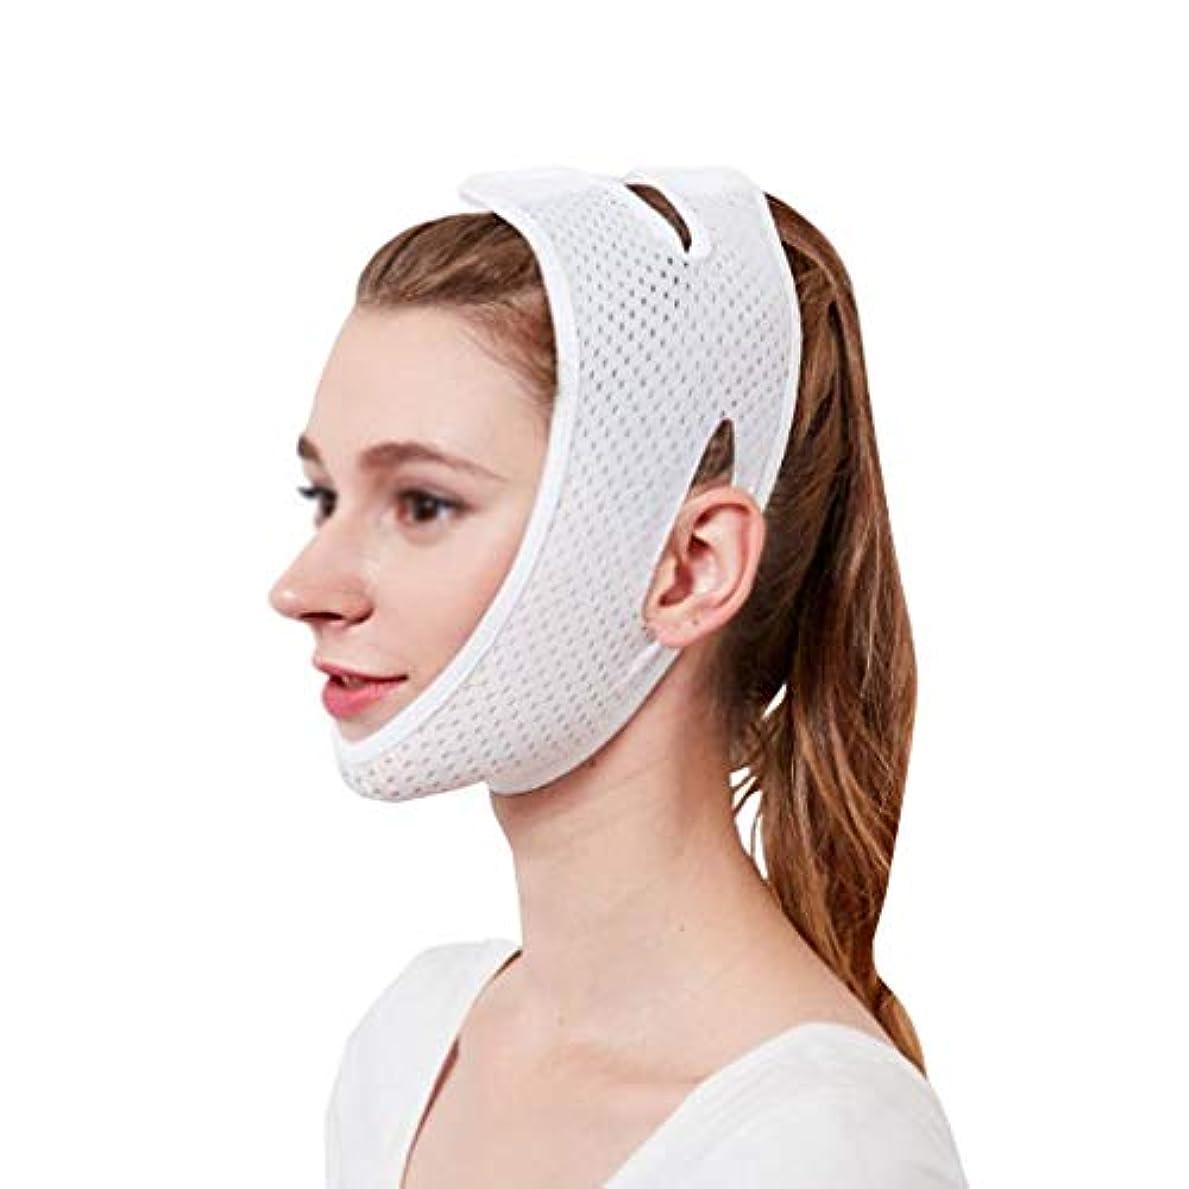 効率的に噴水書店ZWBD フェイスマスク, 薄いフェイスマスク通気性睡眠ベルトアーティファクト包帯小さなVフェイス薄いダブルチンリフトフェイスマスク引き締めフェイスマスク